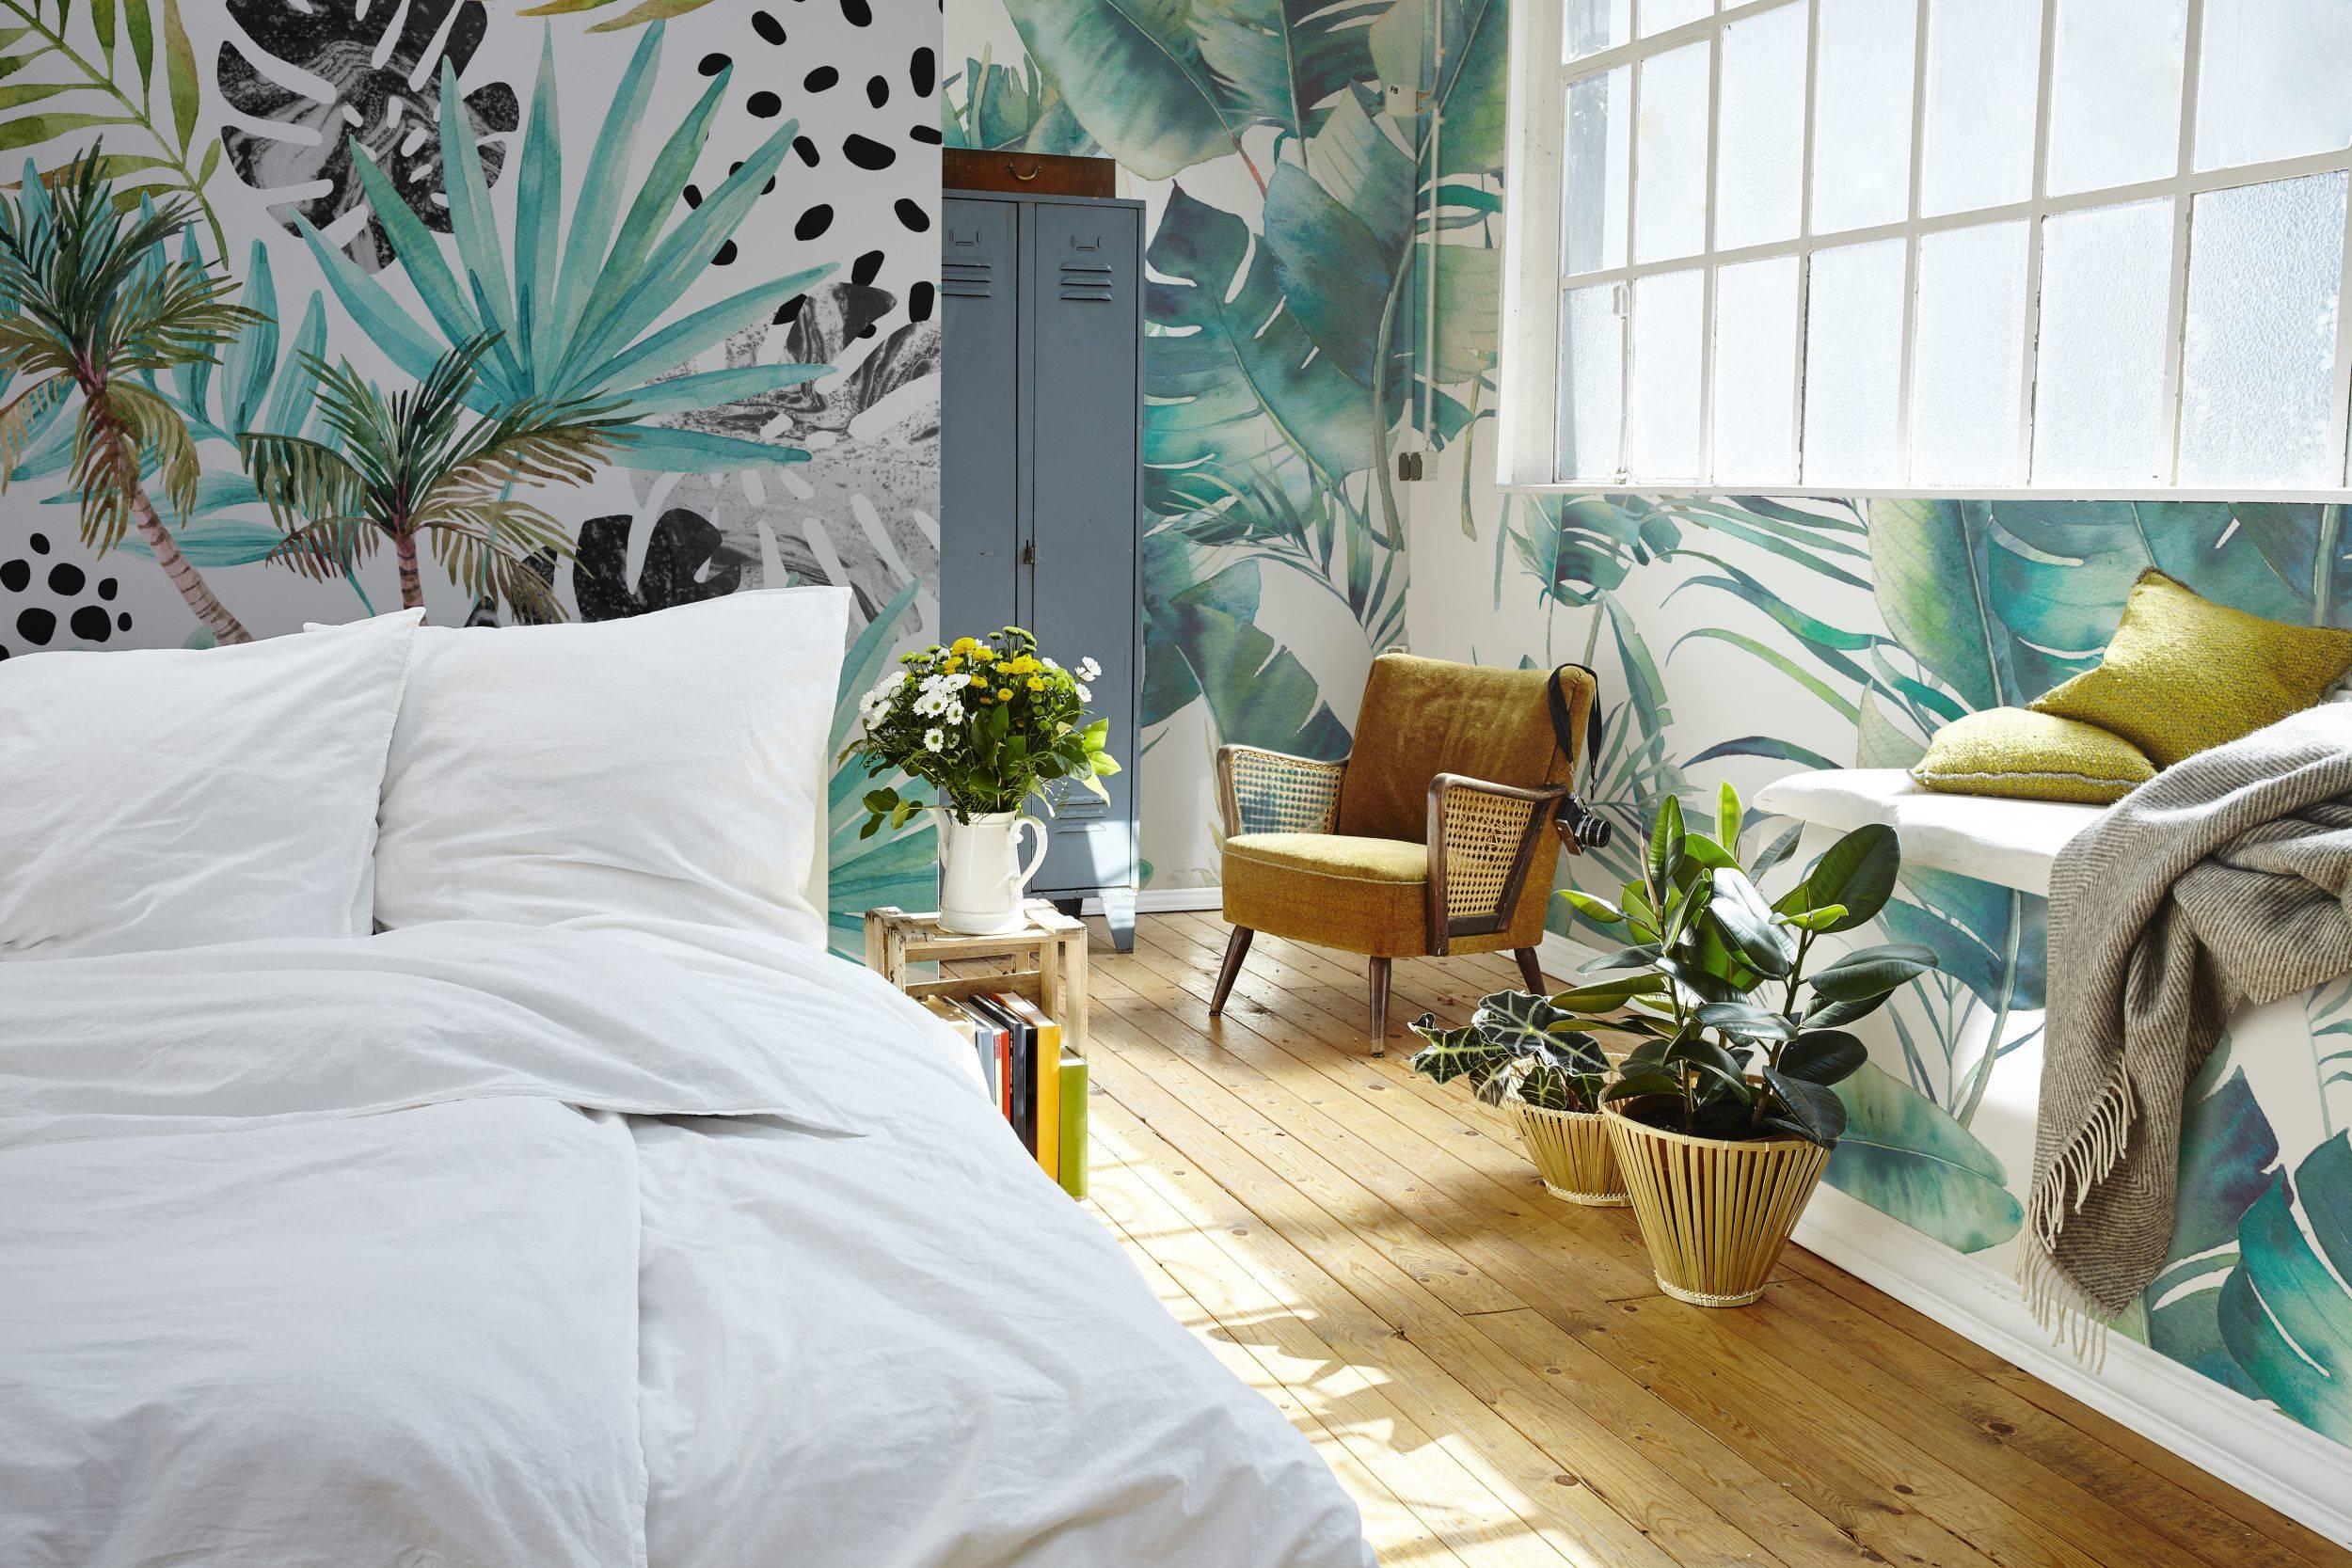 Natuur Behang Slaapkamer : Tropische dromen u2022 modern slaapkamer fotobehang natuur